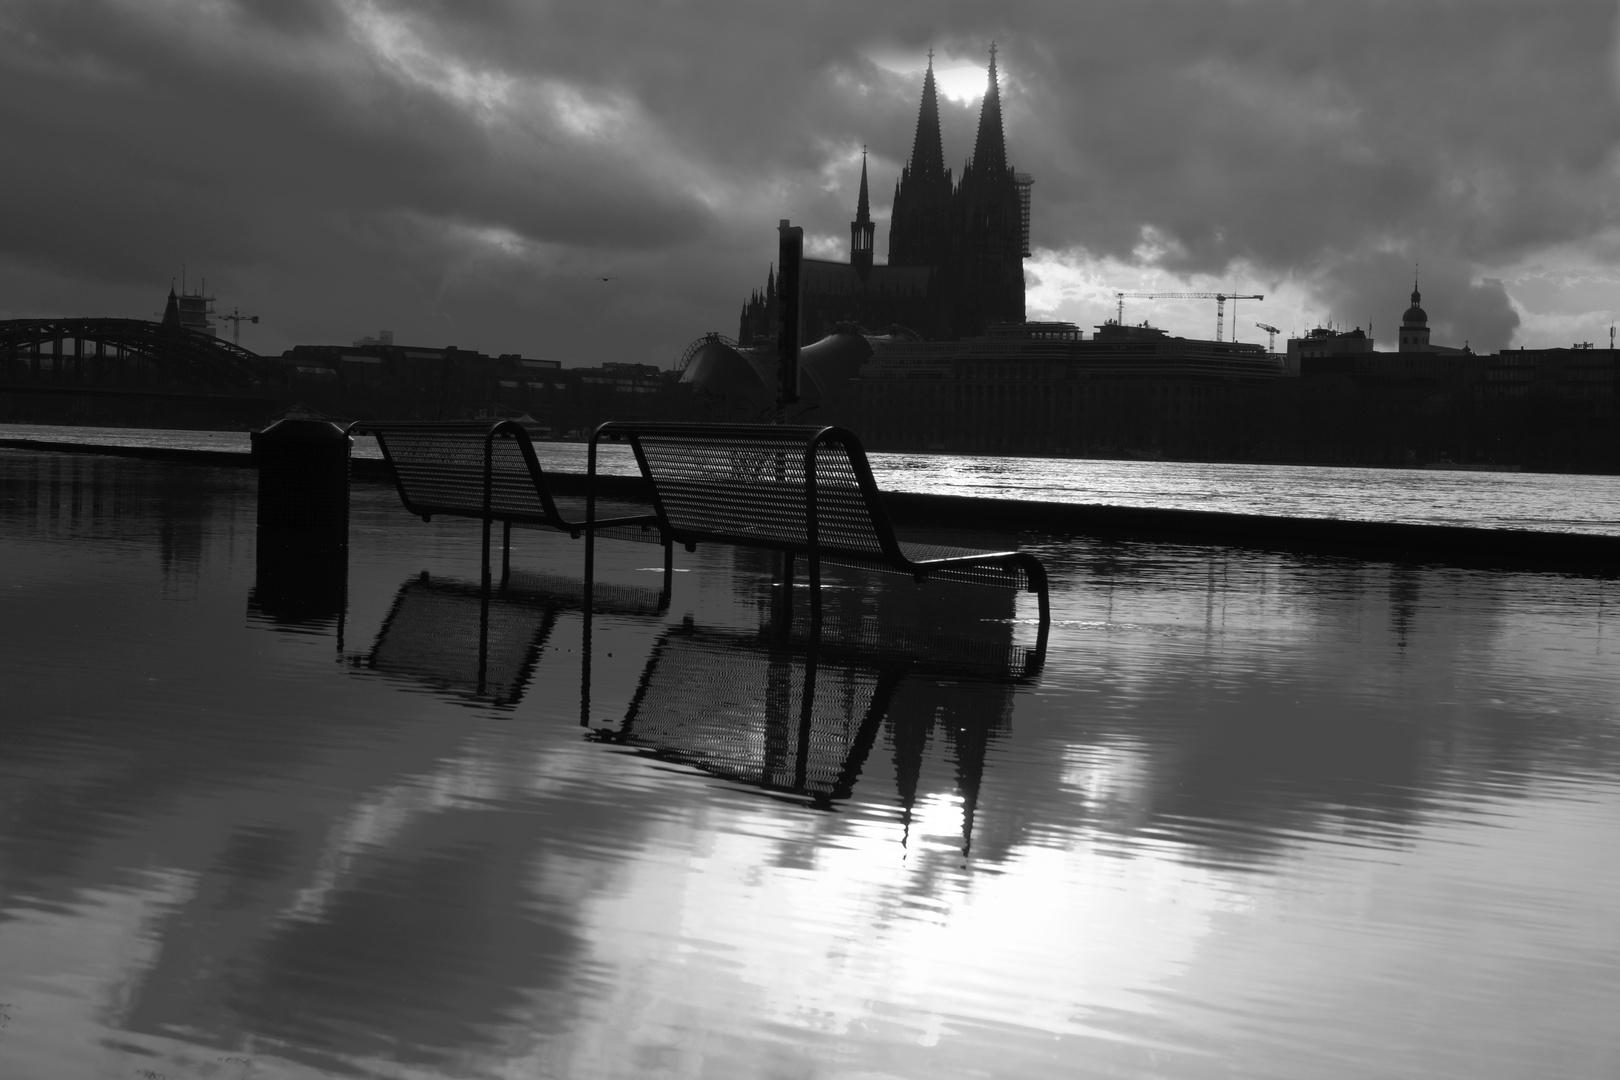 Impressionen zum Hochwasser in Köln Februar 2021